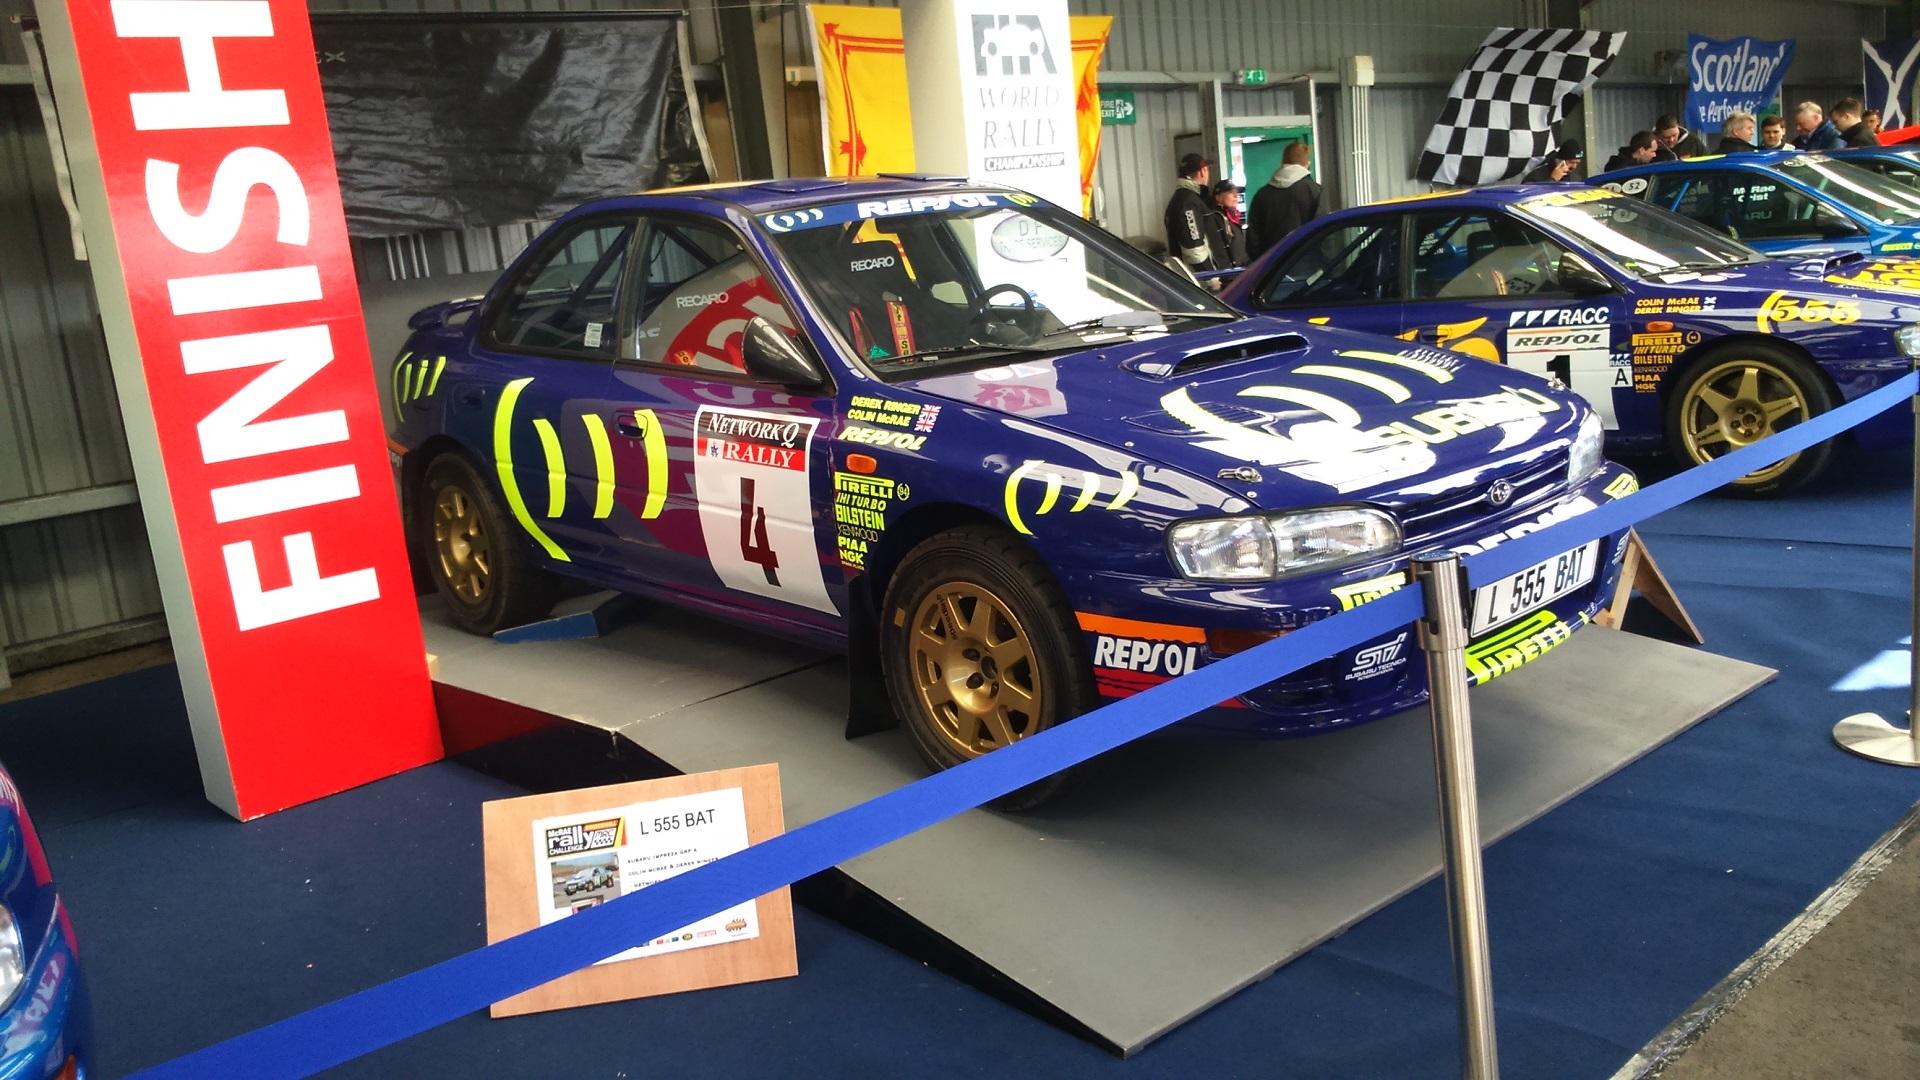 '95 Championship